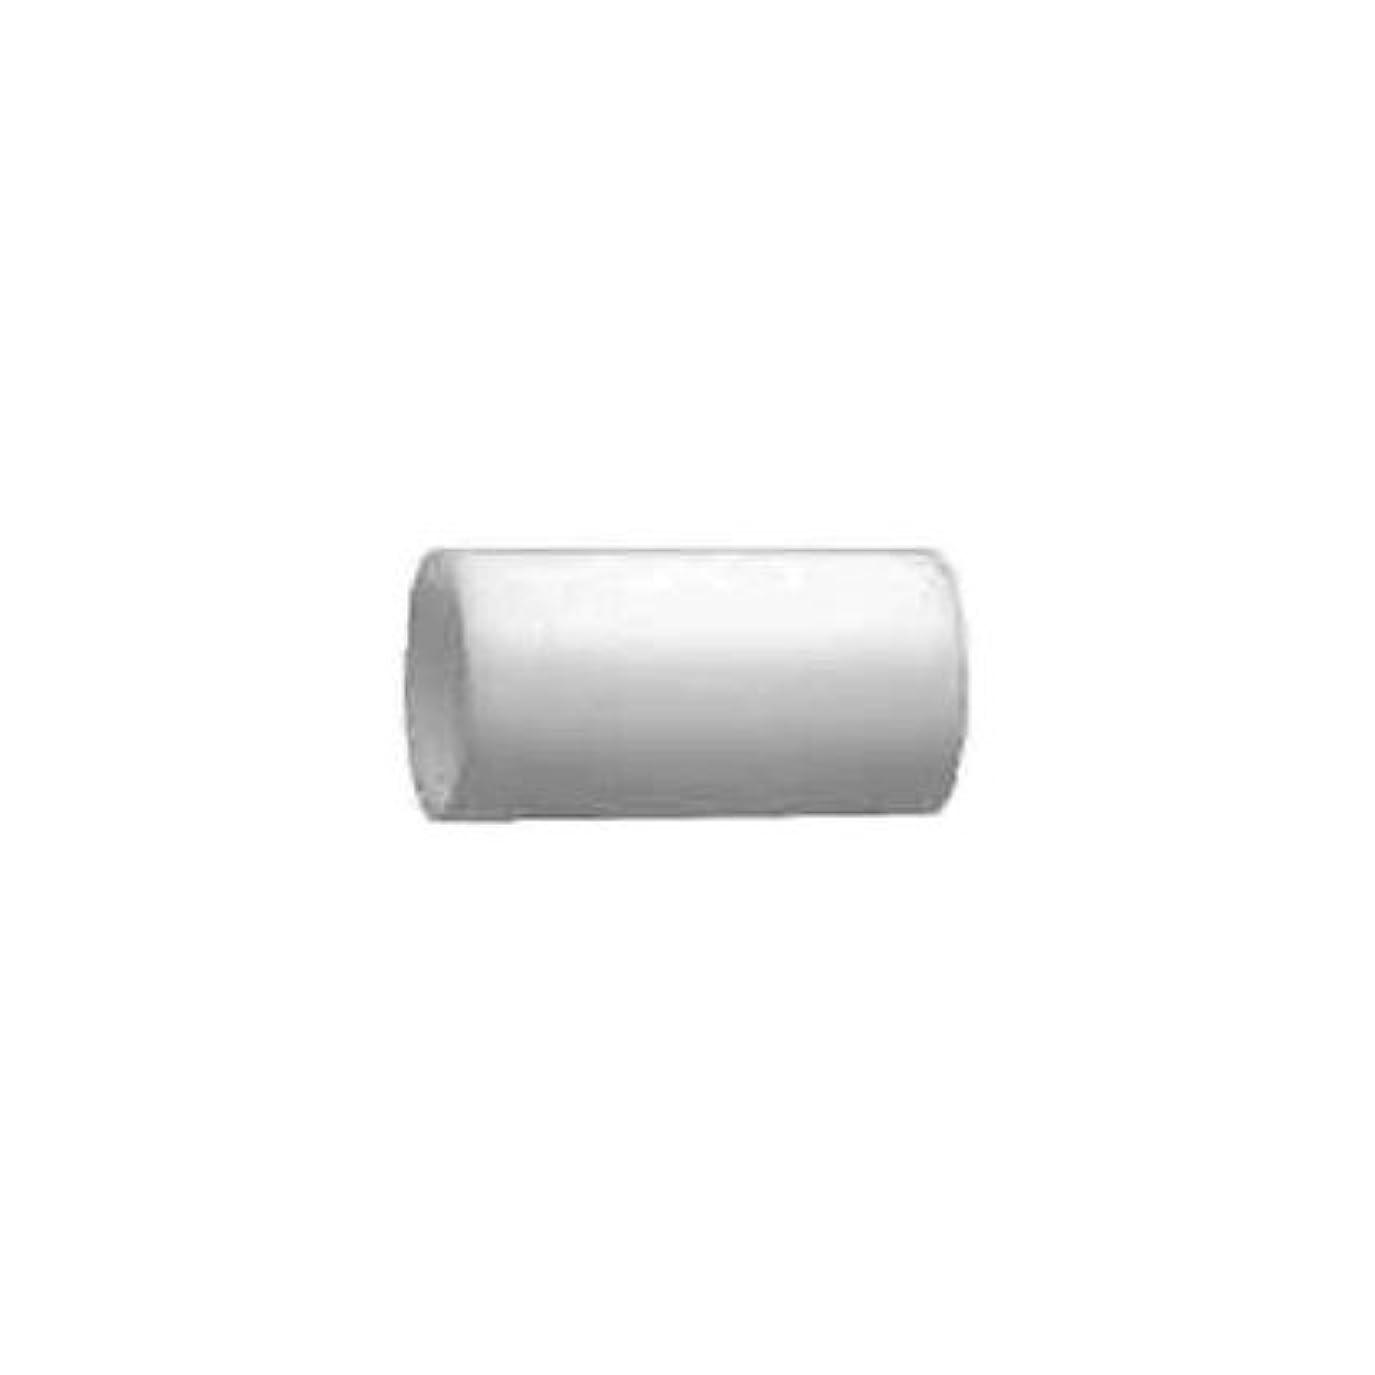 鋸歯状電極心のこもったサンコーインダストリー ゼツエンスリーブ M30X300鉄 (K000Z03000)